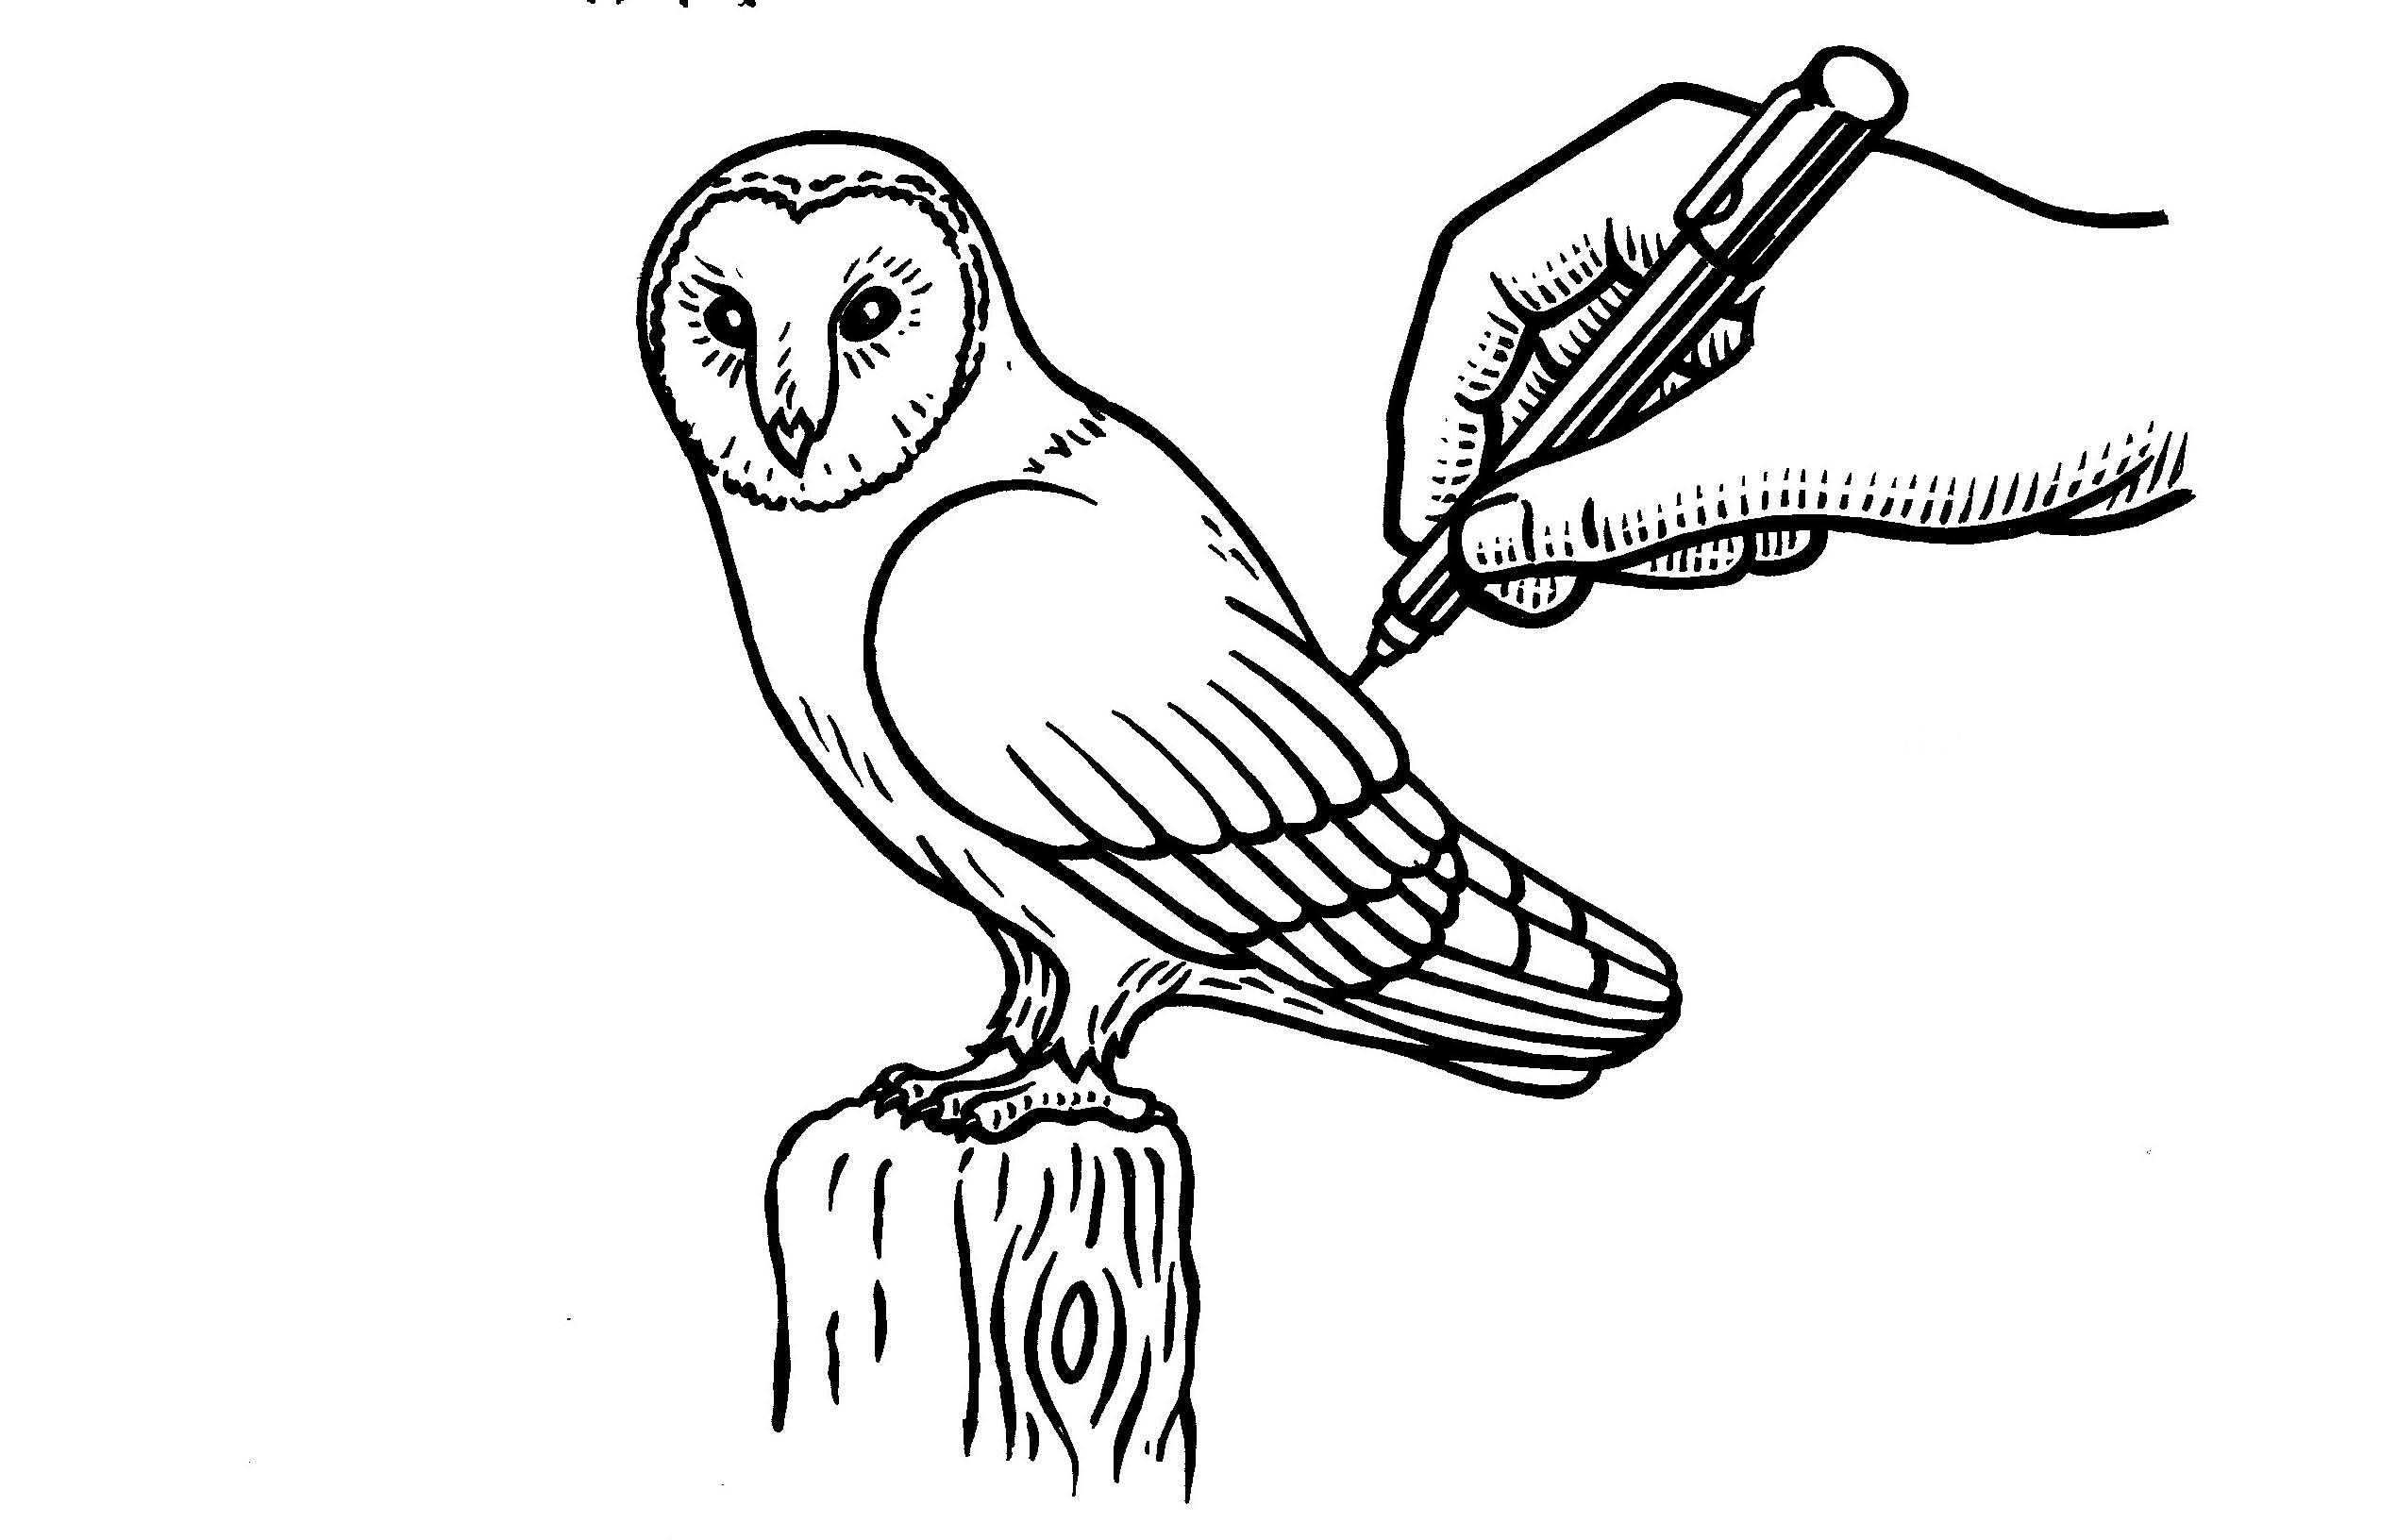 All About Gambar Mudah Amp Simple Sketsa Pensil Burung Hantu Owl